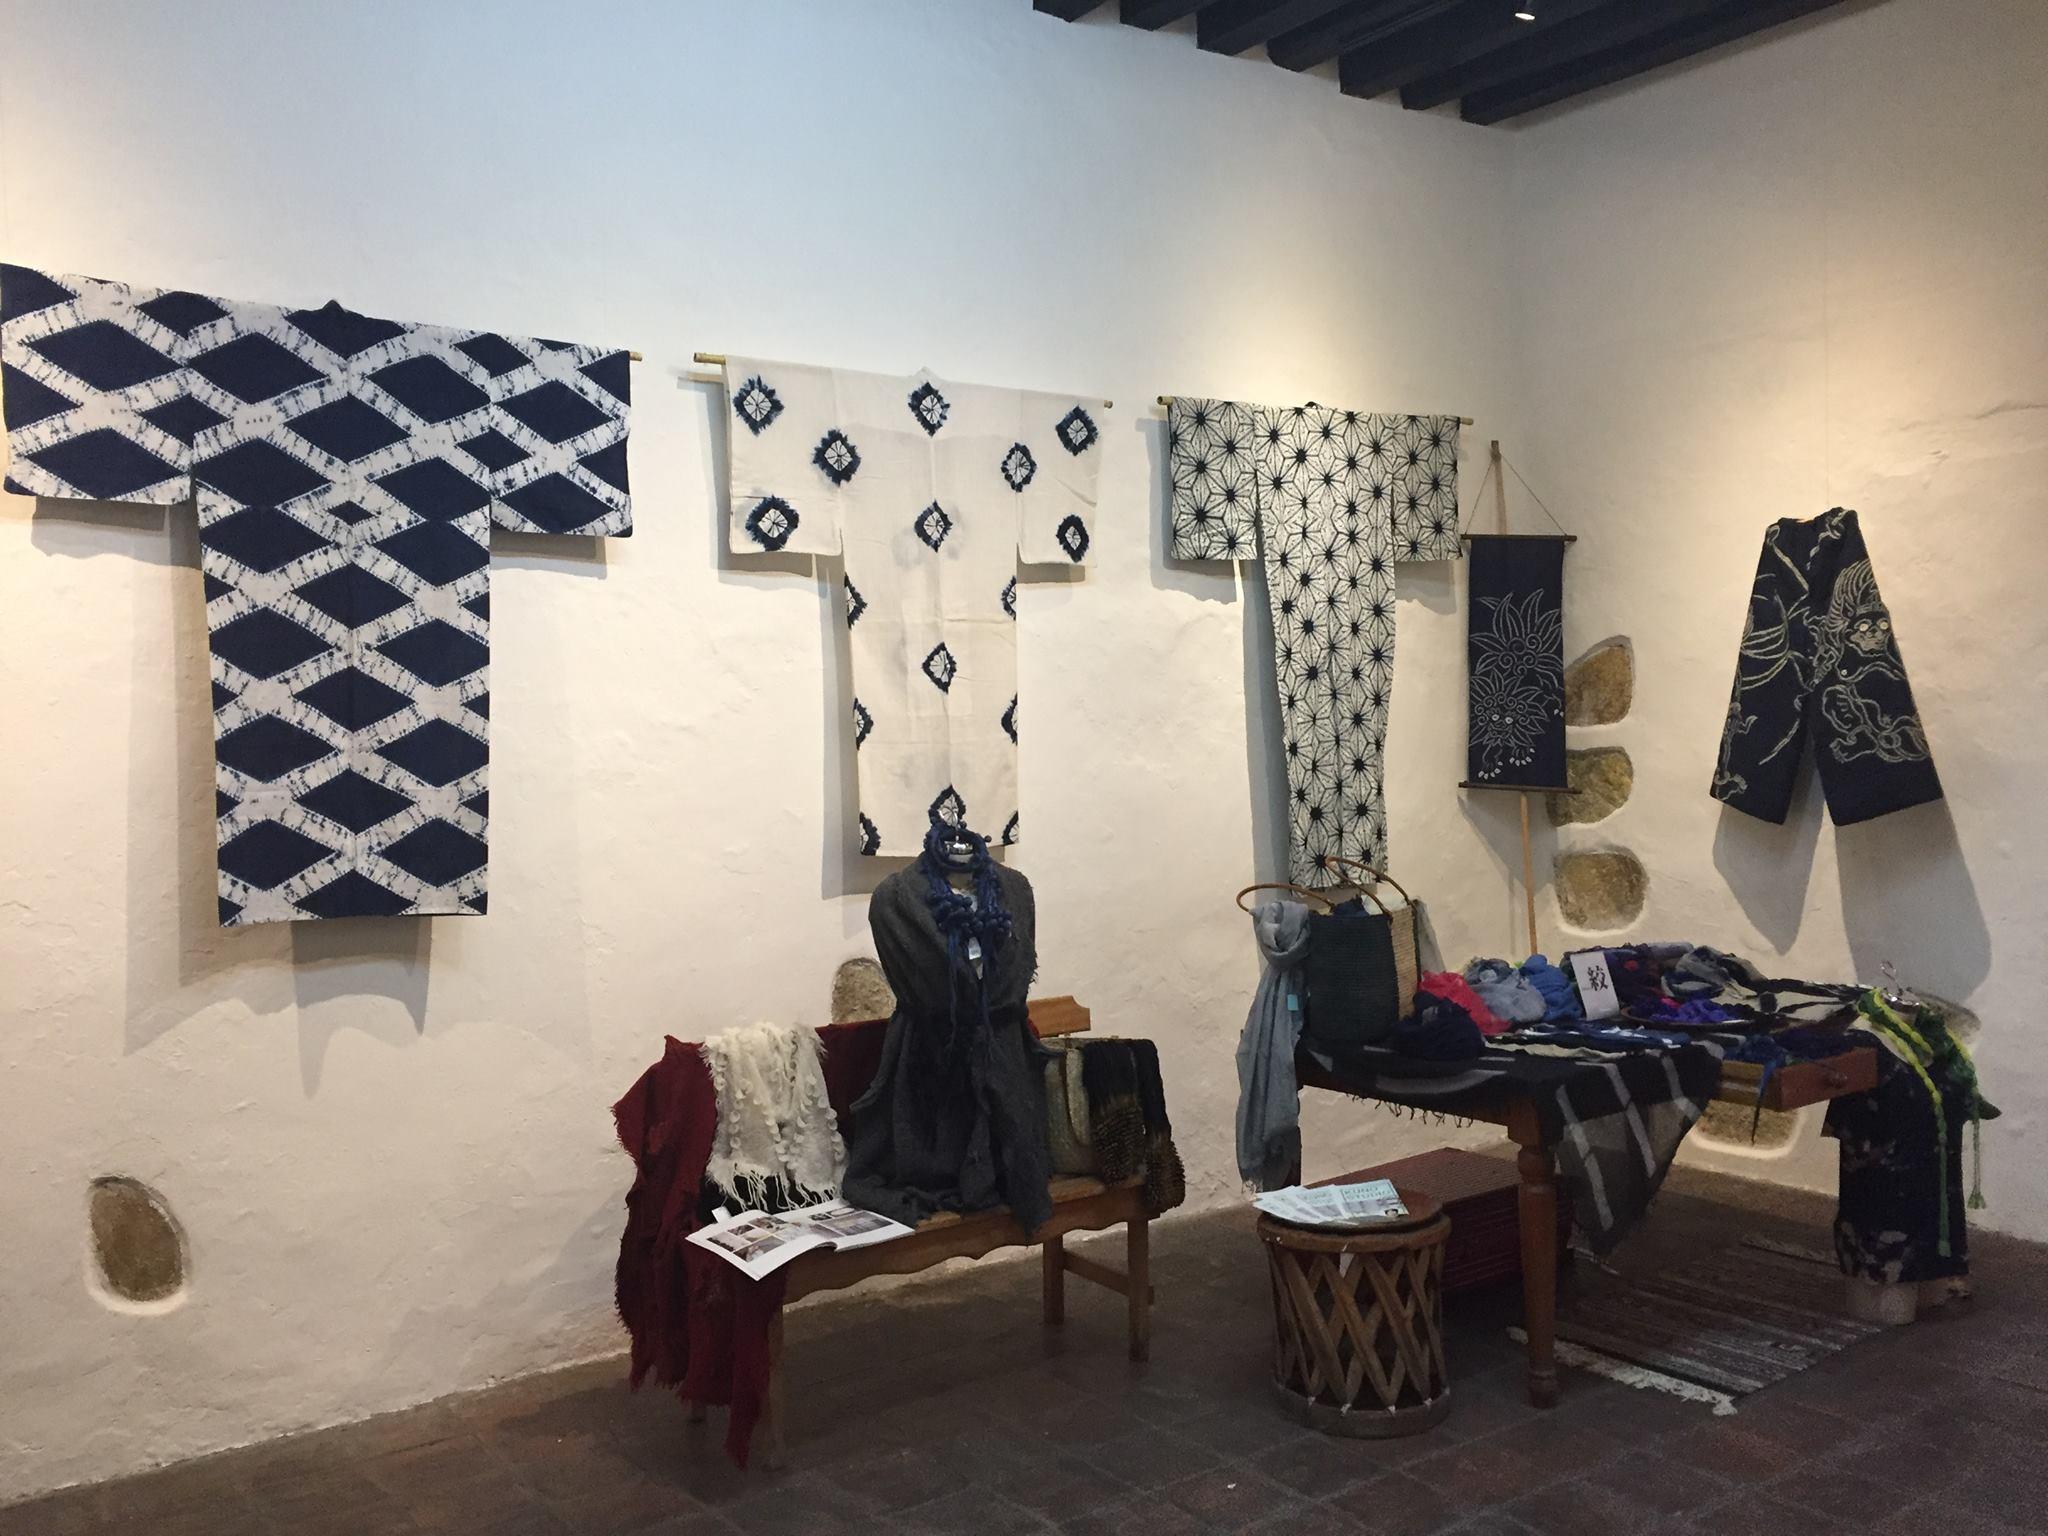 2月開店予定!染織の町・有松で古民家がクラウドファンディングでカフェに再生 - 15167711 1795646900709207 1175275515406014743 o